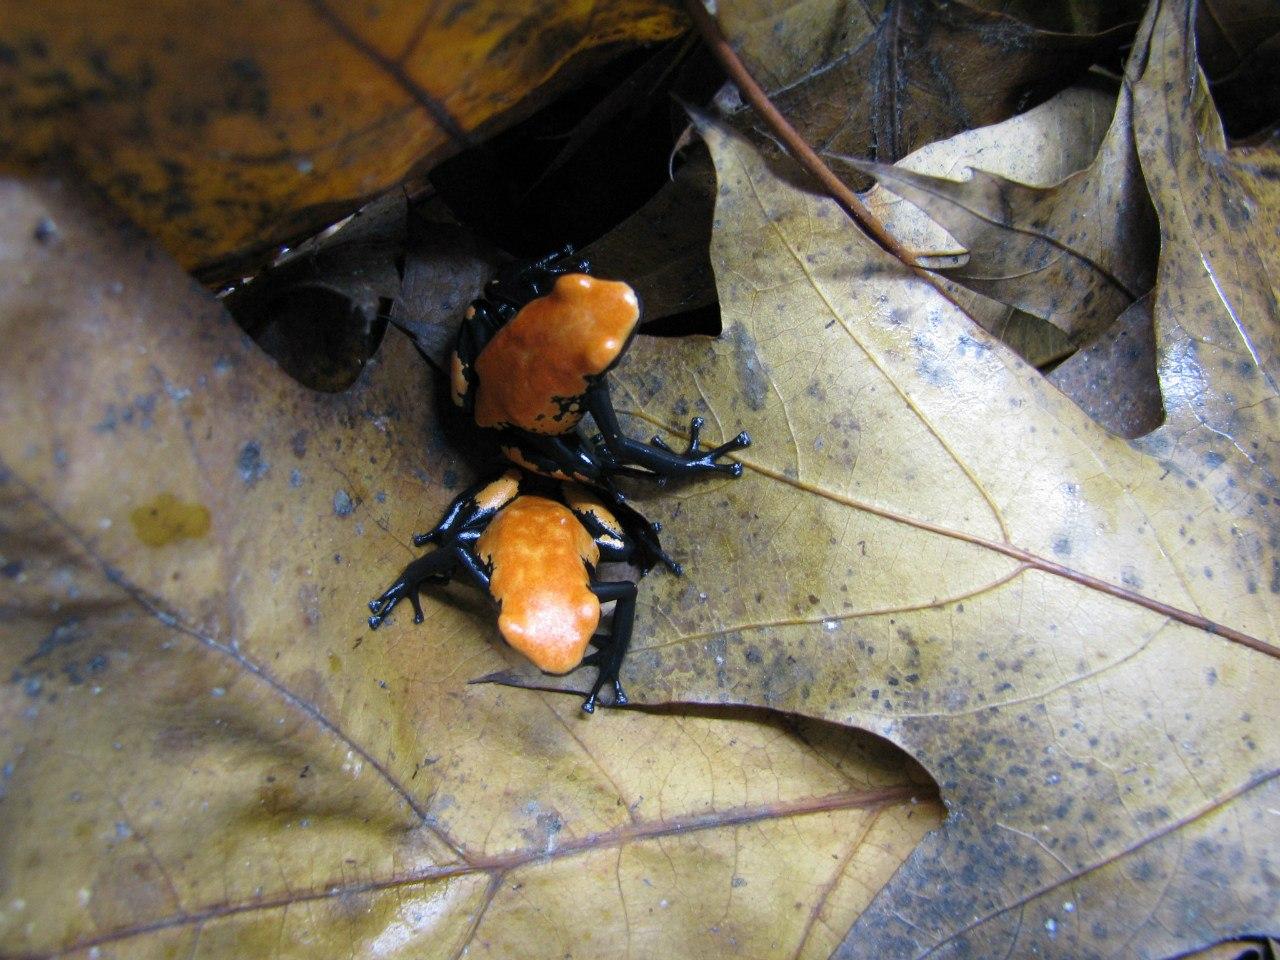 Adelphobates galactonotus 'Orange', подросткиg